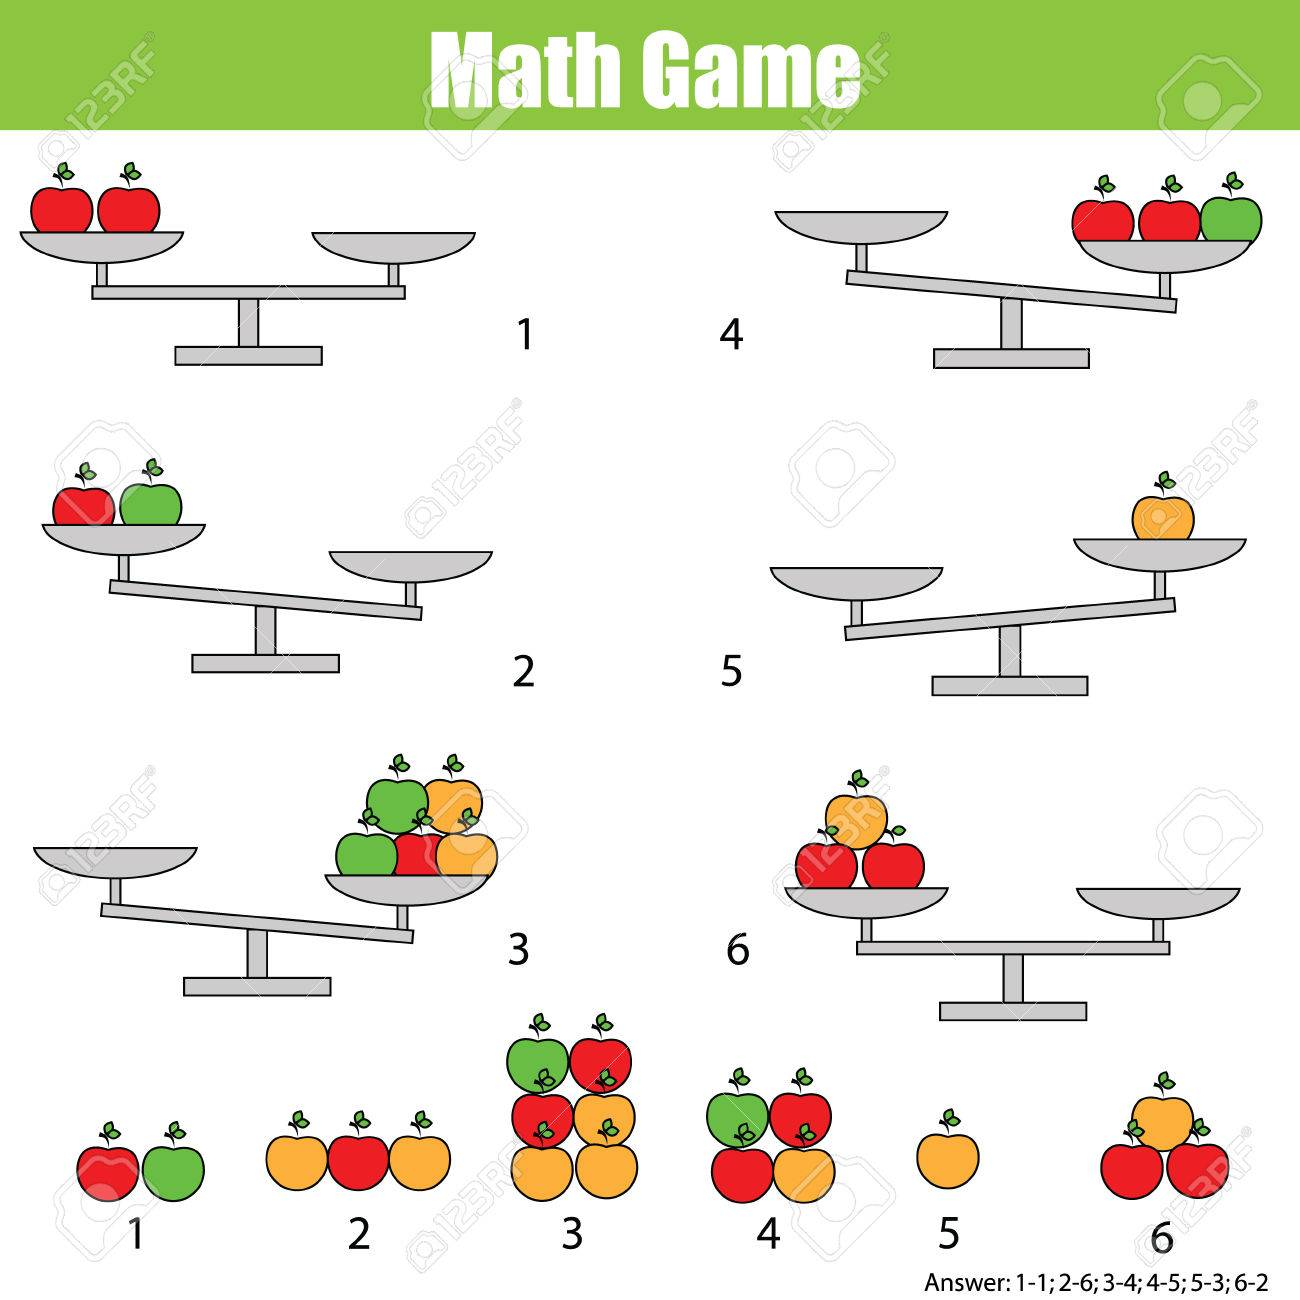 Matemáticas Juego Educativo Para Los Niños Equilibrar La Balanza Conteo De Aprendizaje Ecuación Matemática Pesos Y álgebra